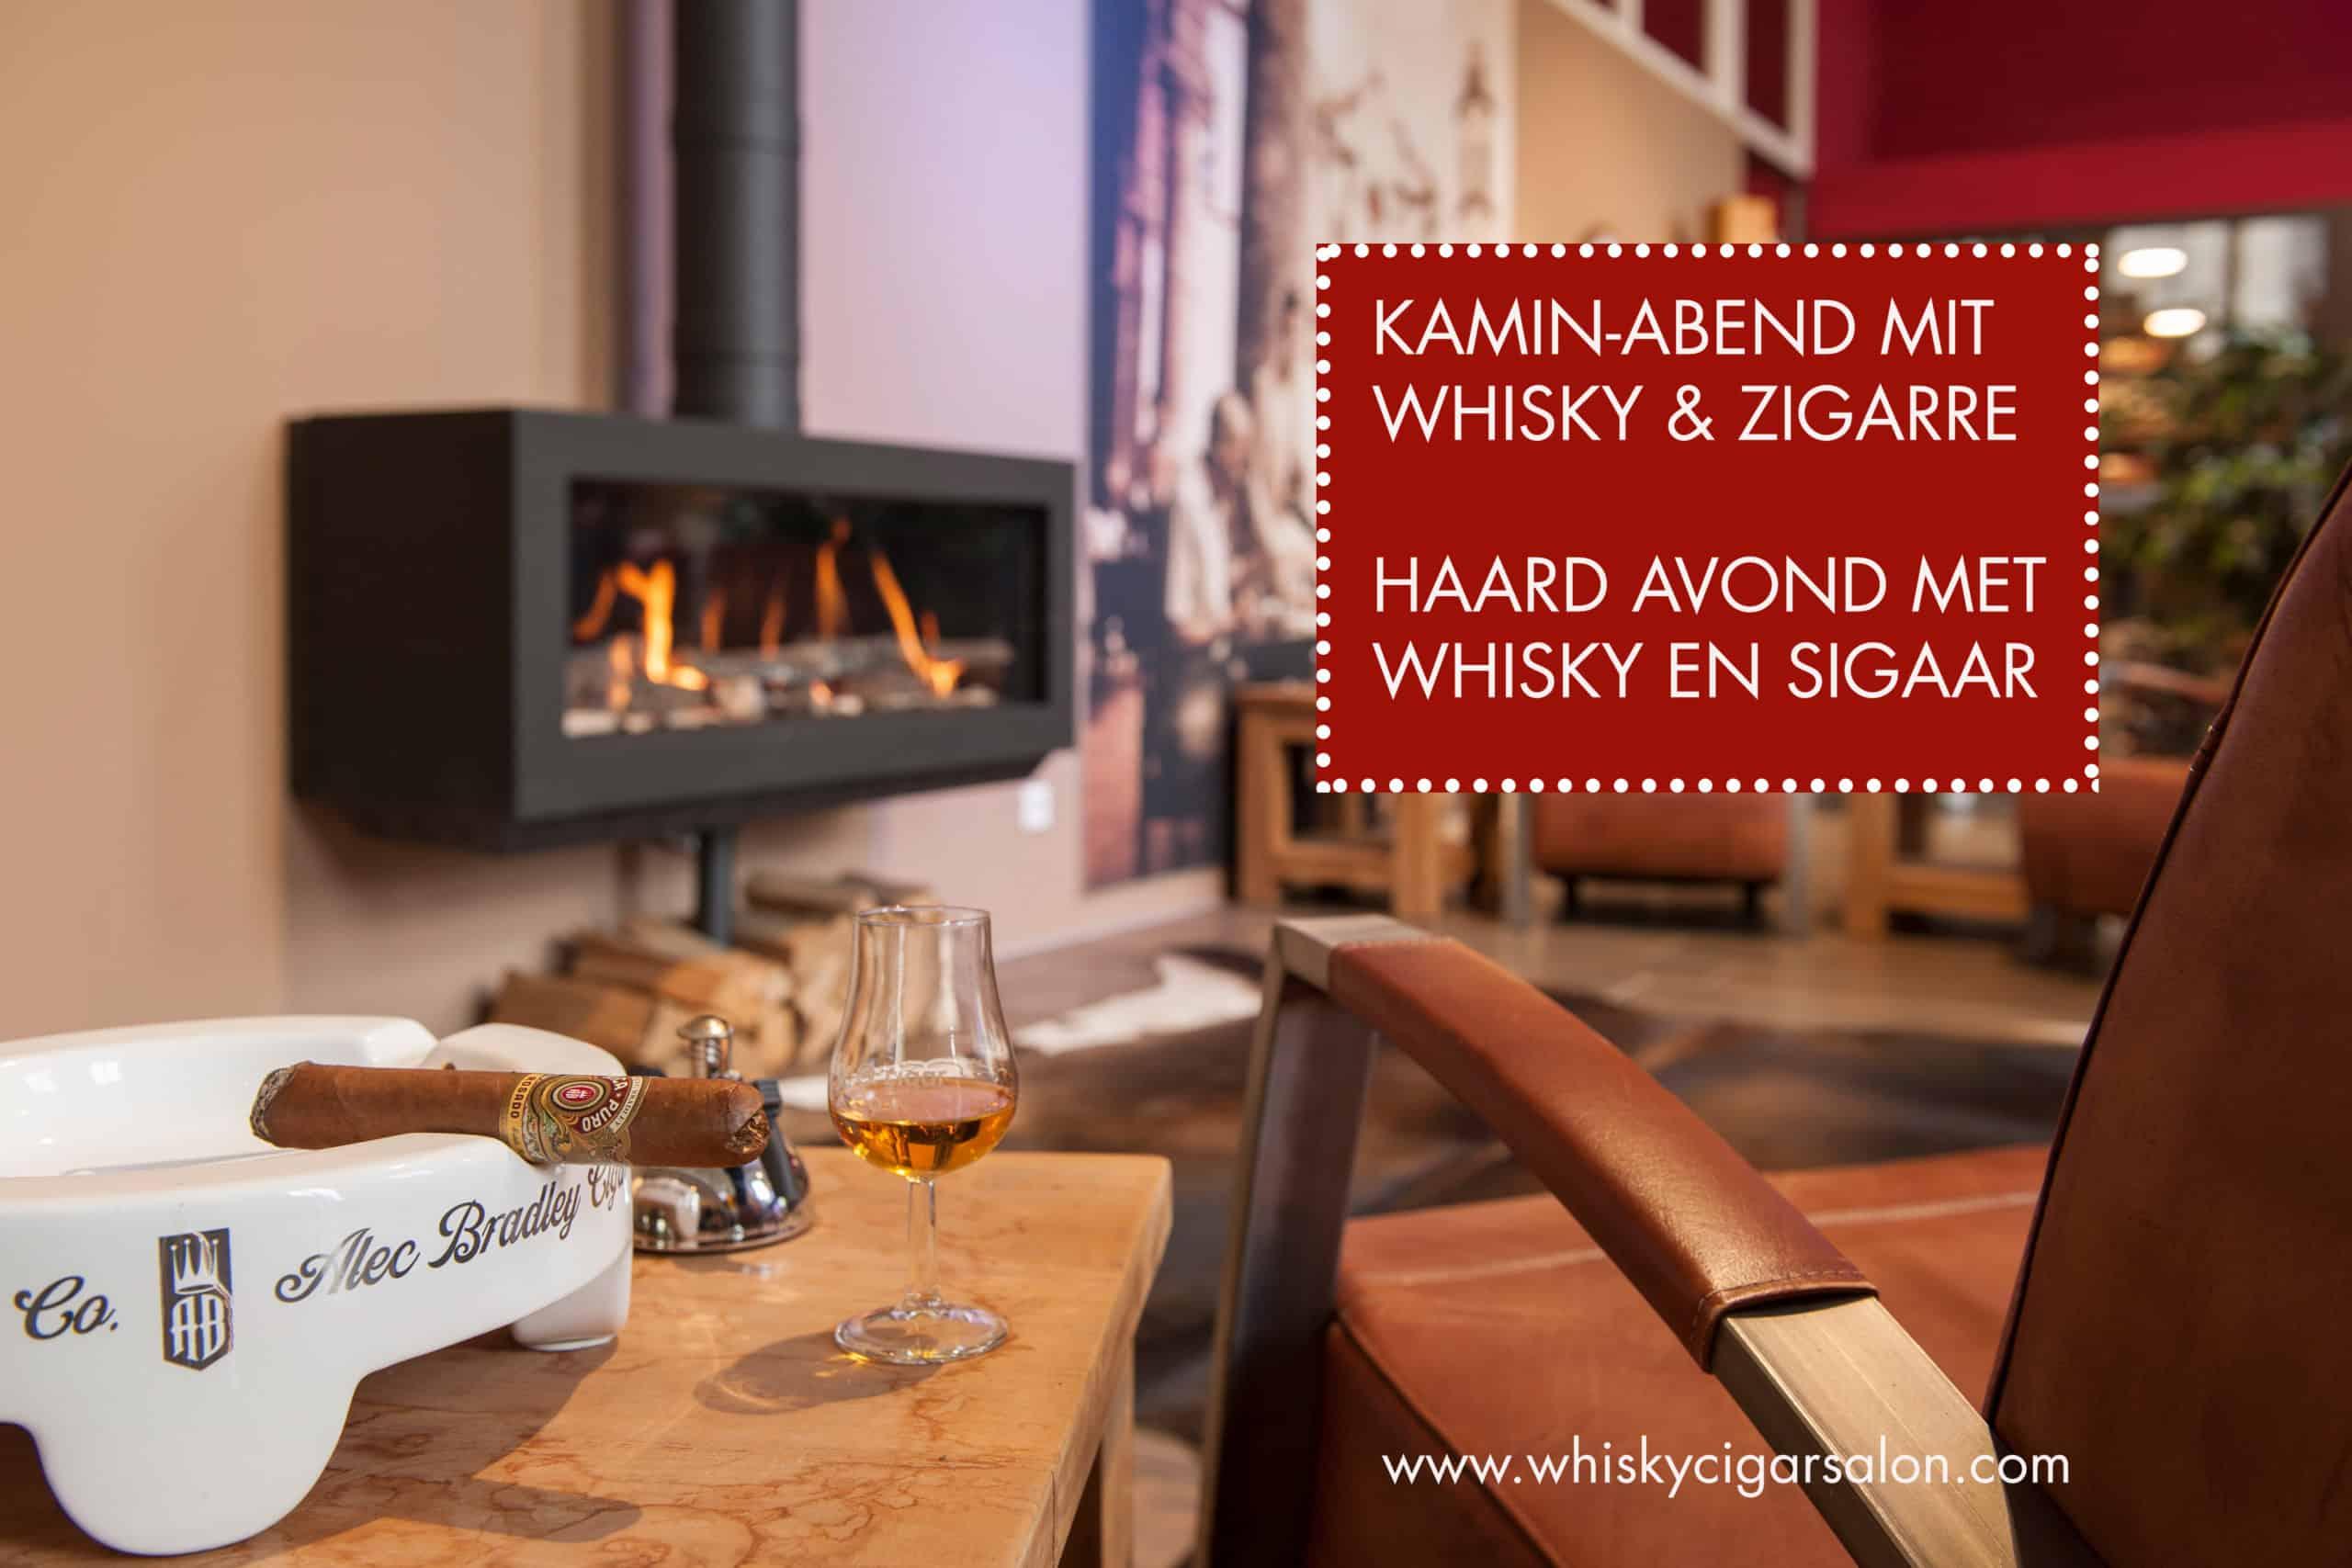 Whisky und zigarre am kamin im whisky & cigar salon